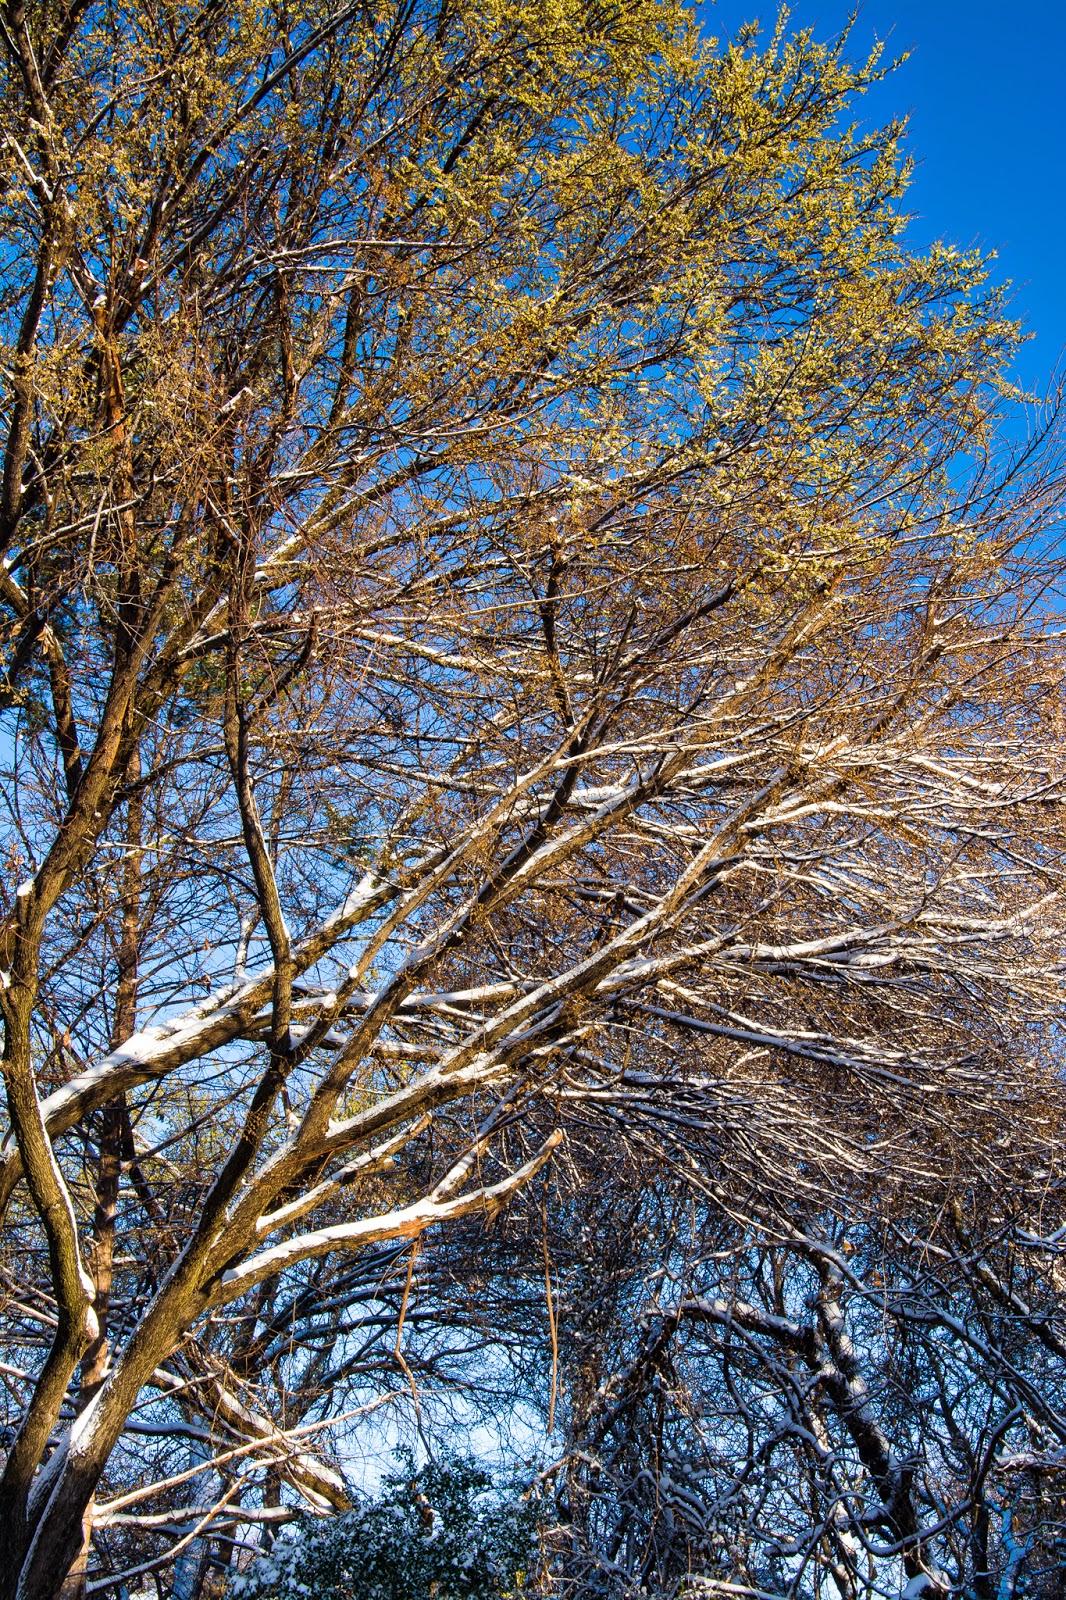 North Texas March 2015 Snowstorm